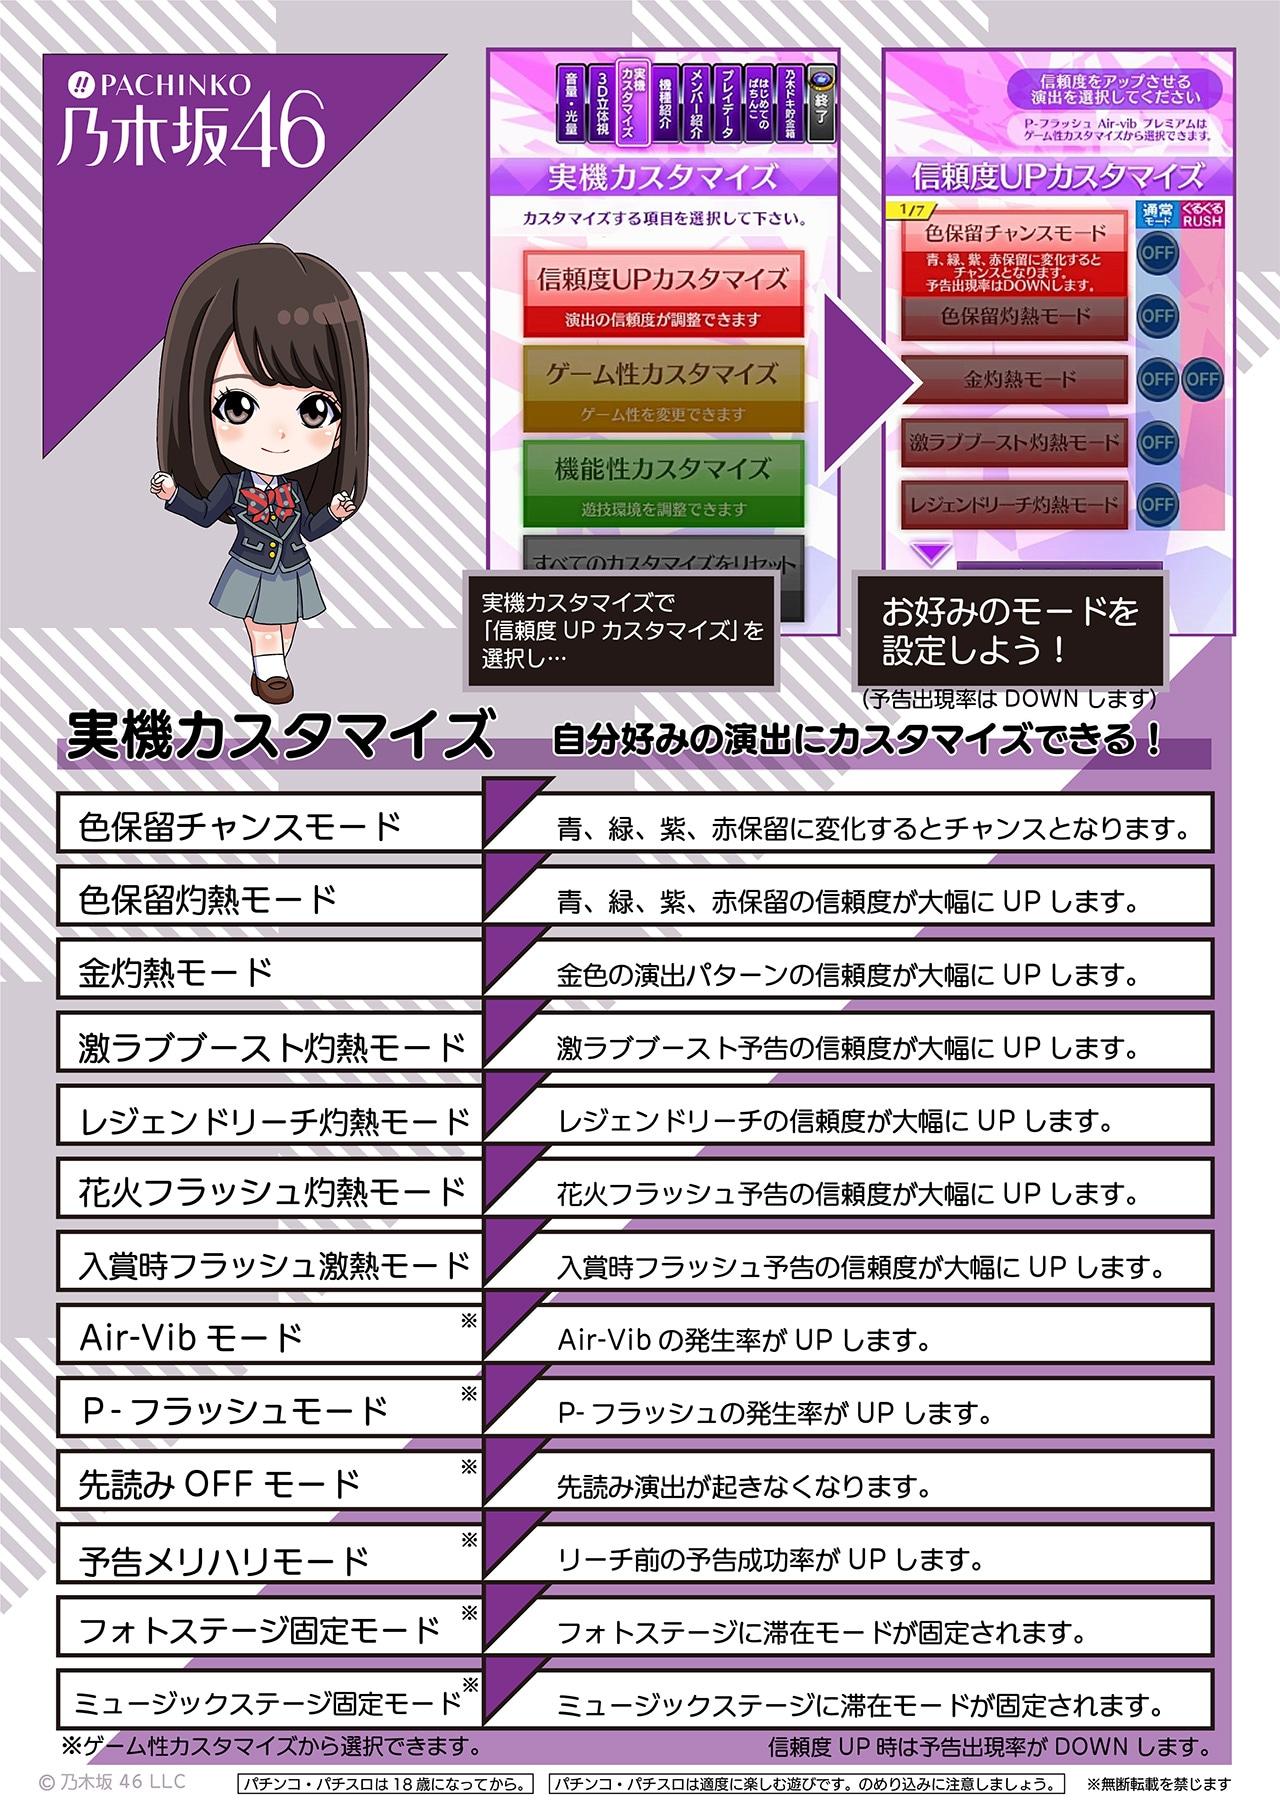 ぱちんこ 乃木坂46 演出情報2